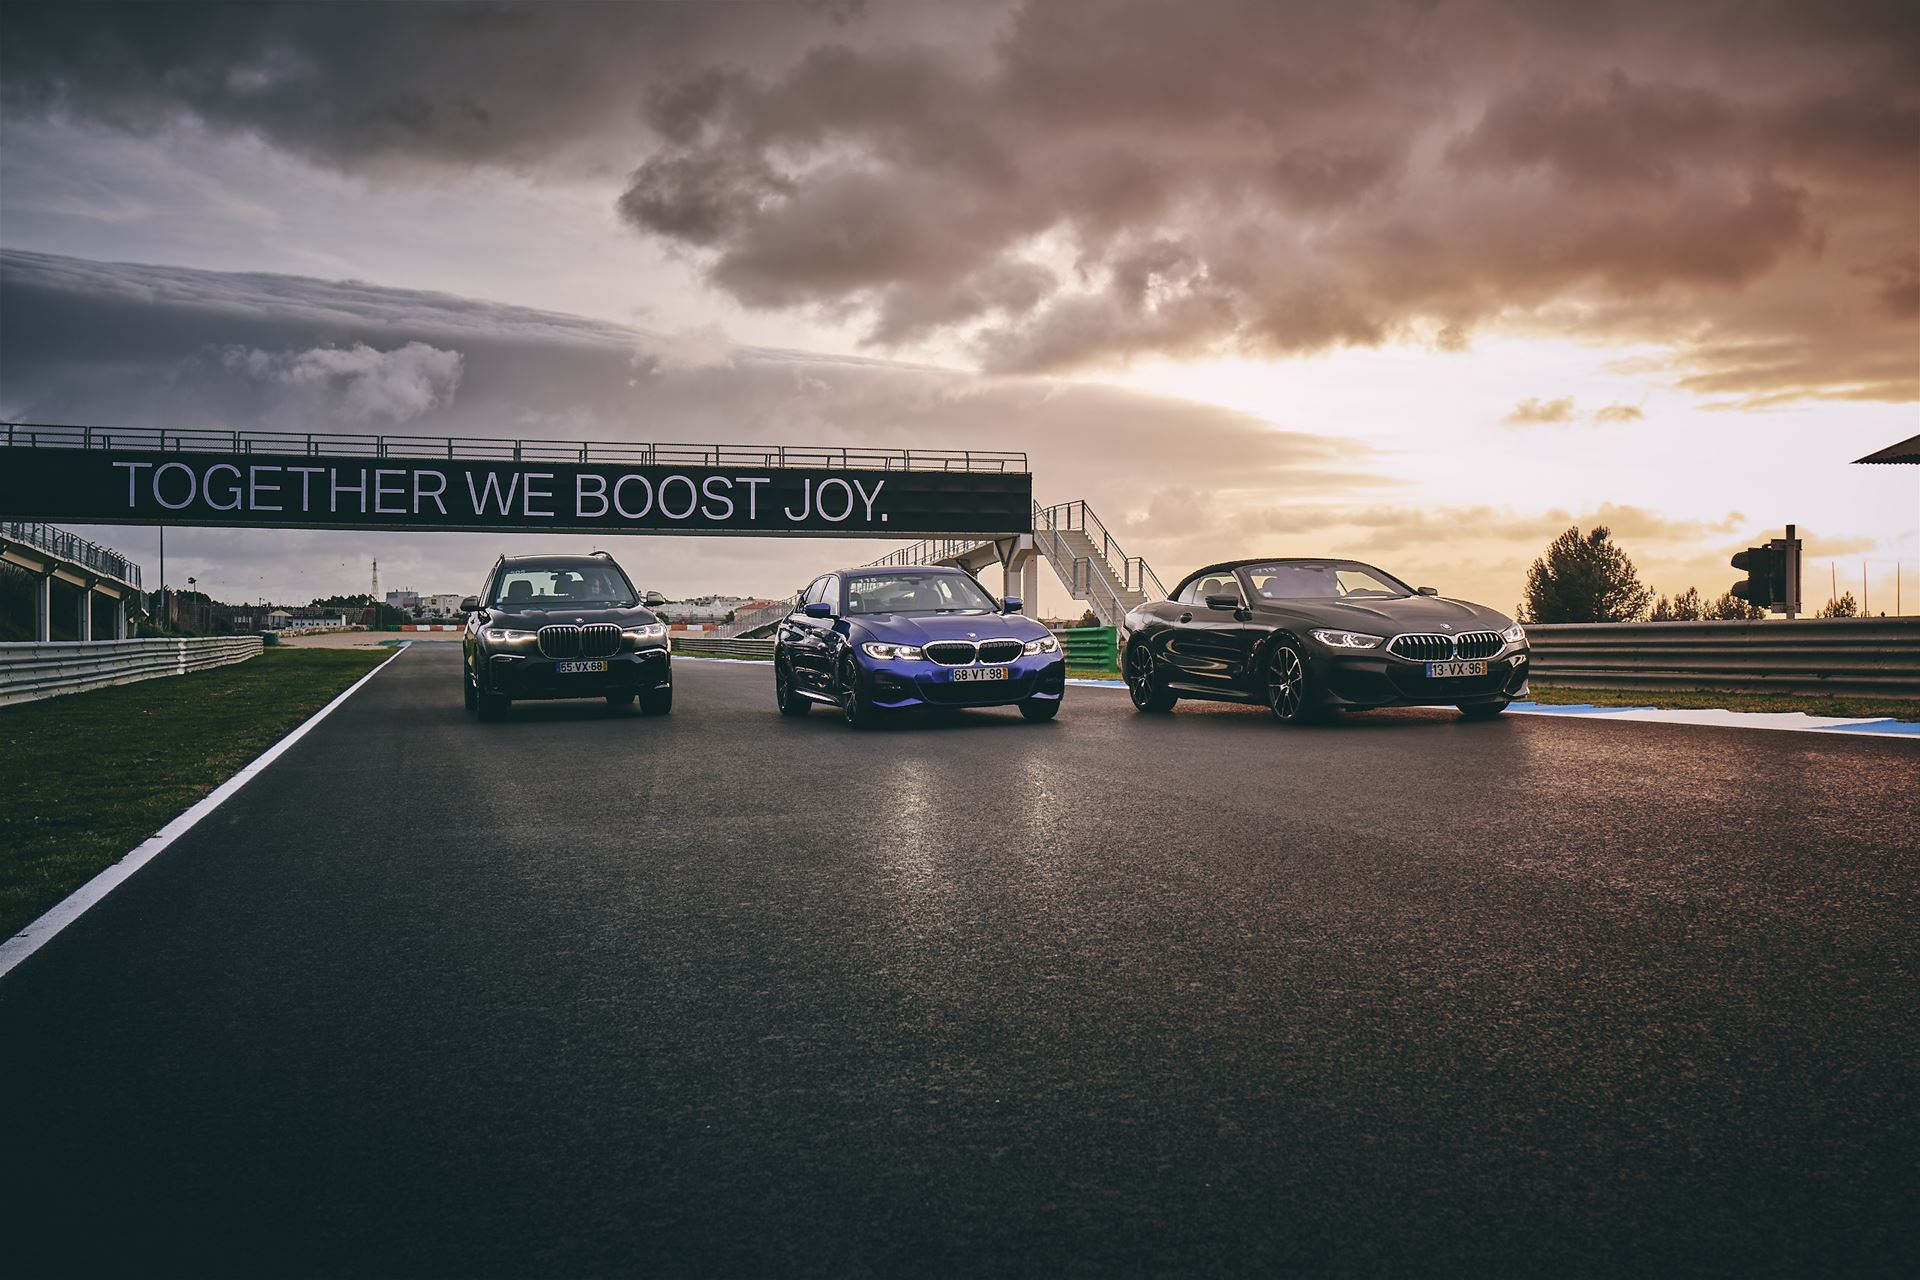 BMW reúne concessionários de todo o mundo em Lisboa - 3000 profissionais - Auto News, Mercado Automóvel e Novidades - Auto News